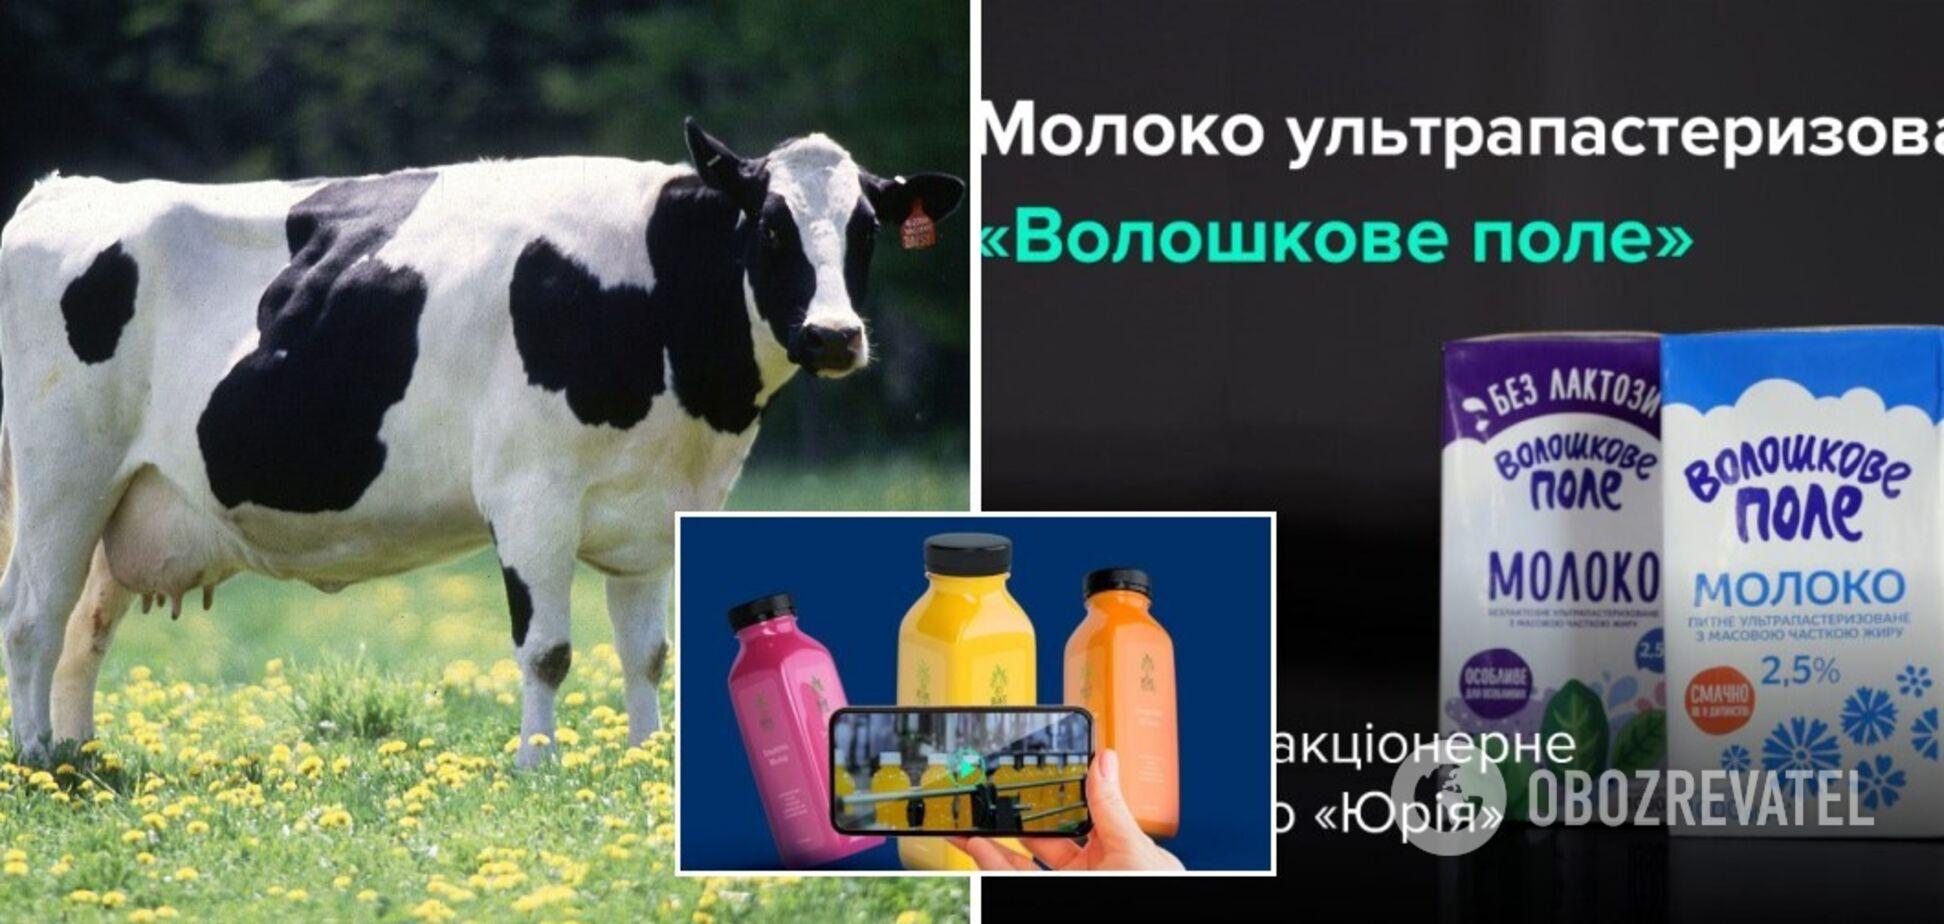 ТМ 'Волошкове поле' показала процес створення молока